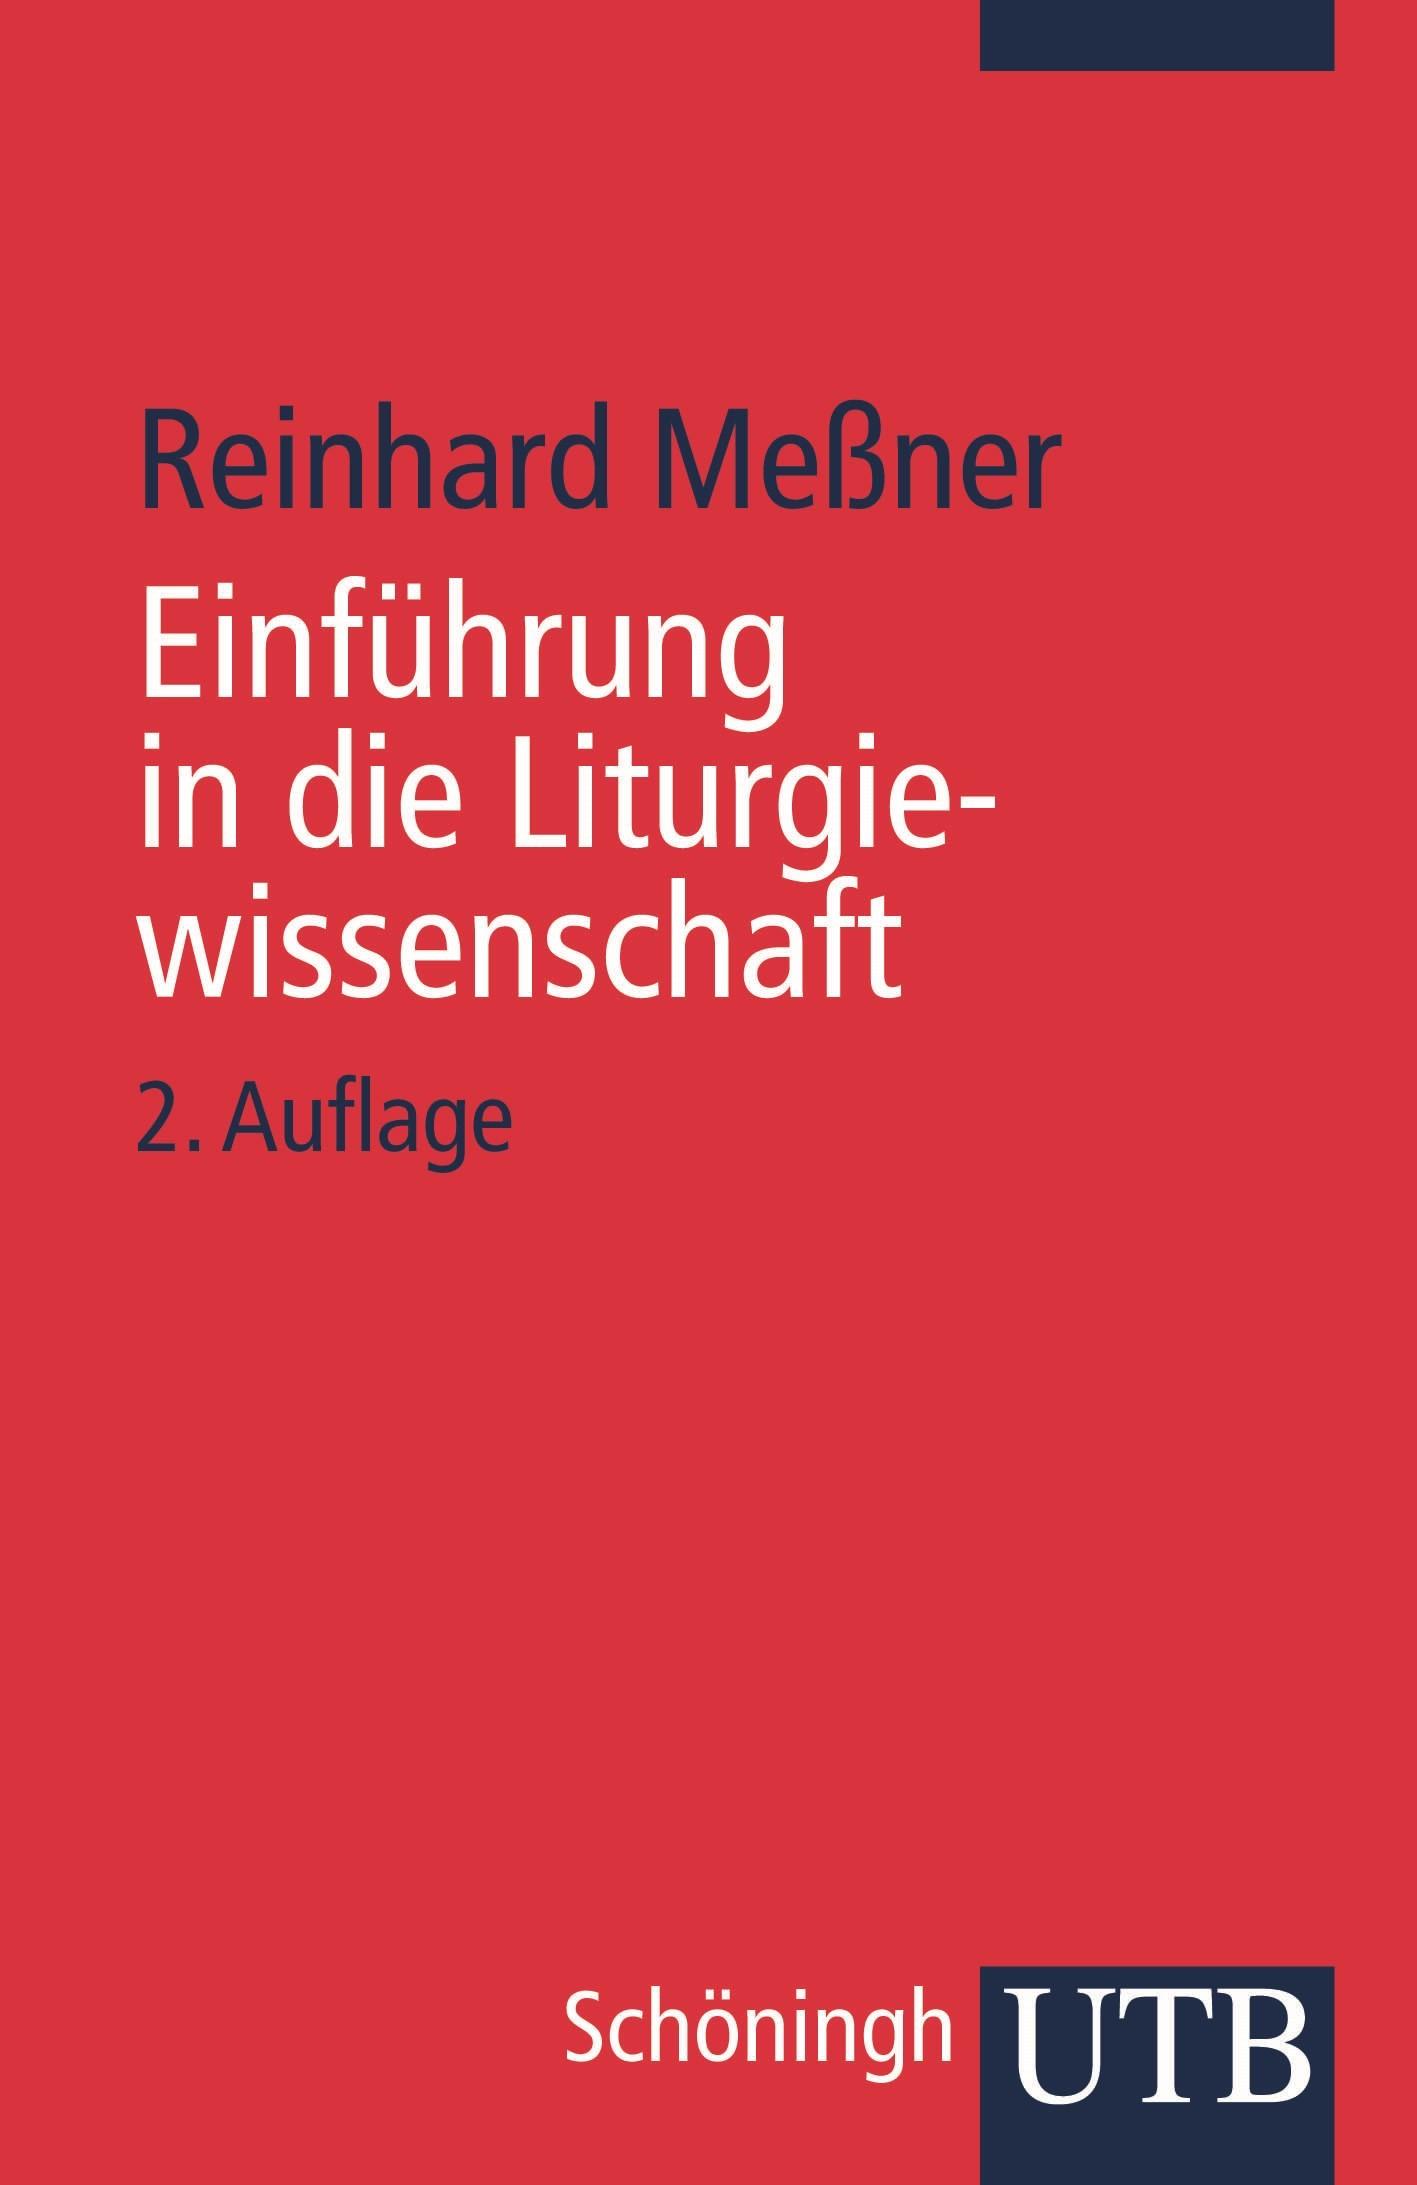 Abbildung von Meßner | Einführung in die Liturgiewissenschaft | 2009